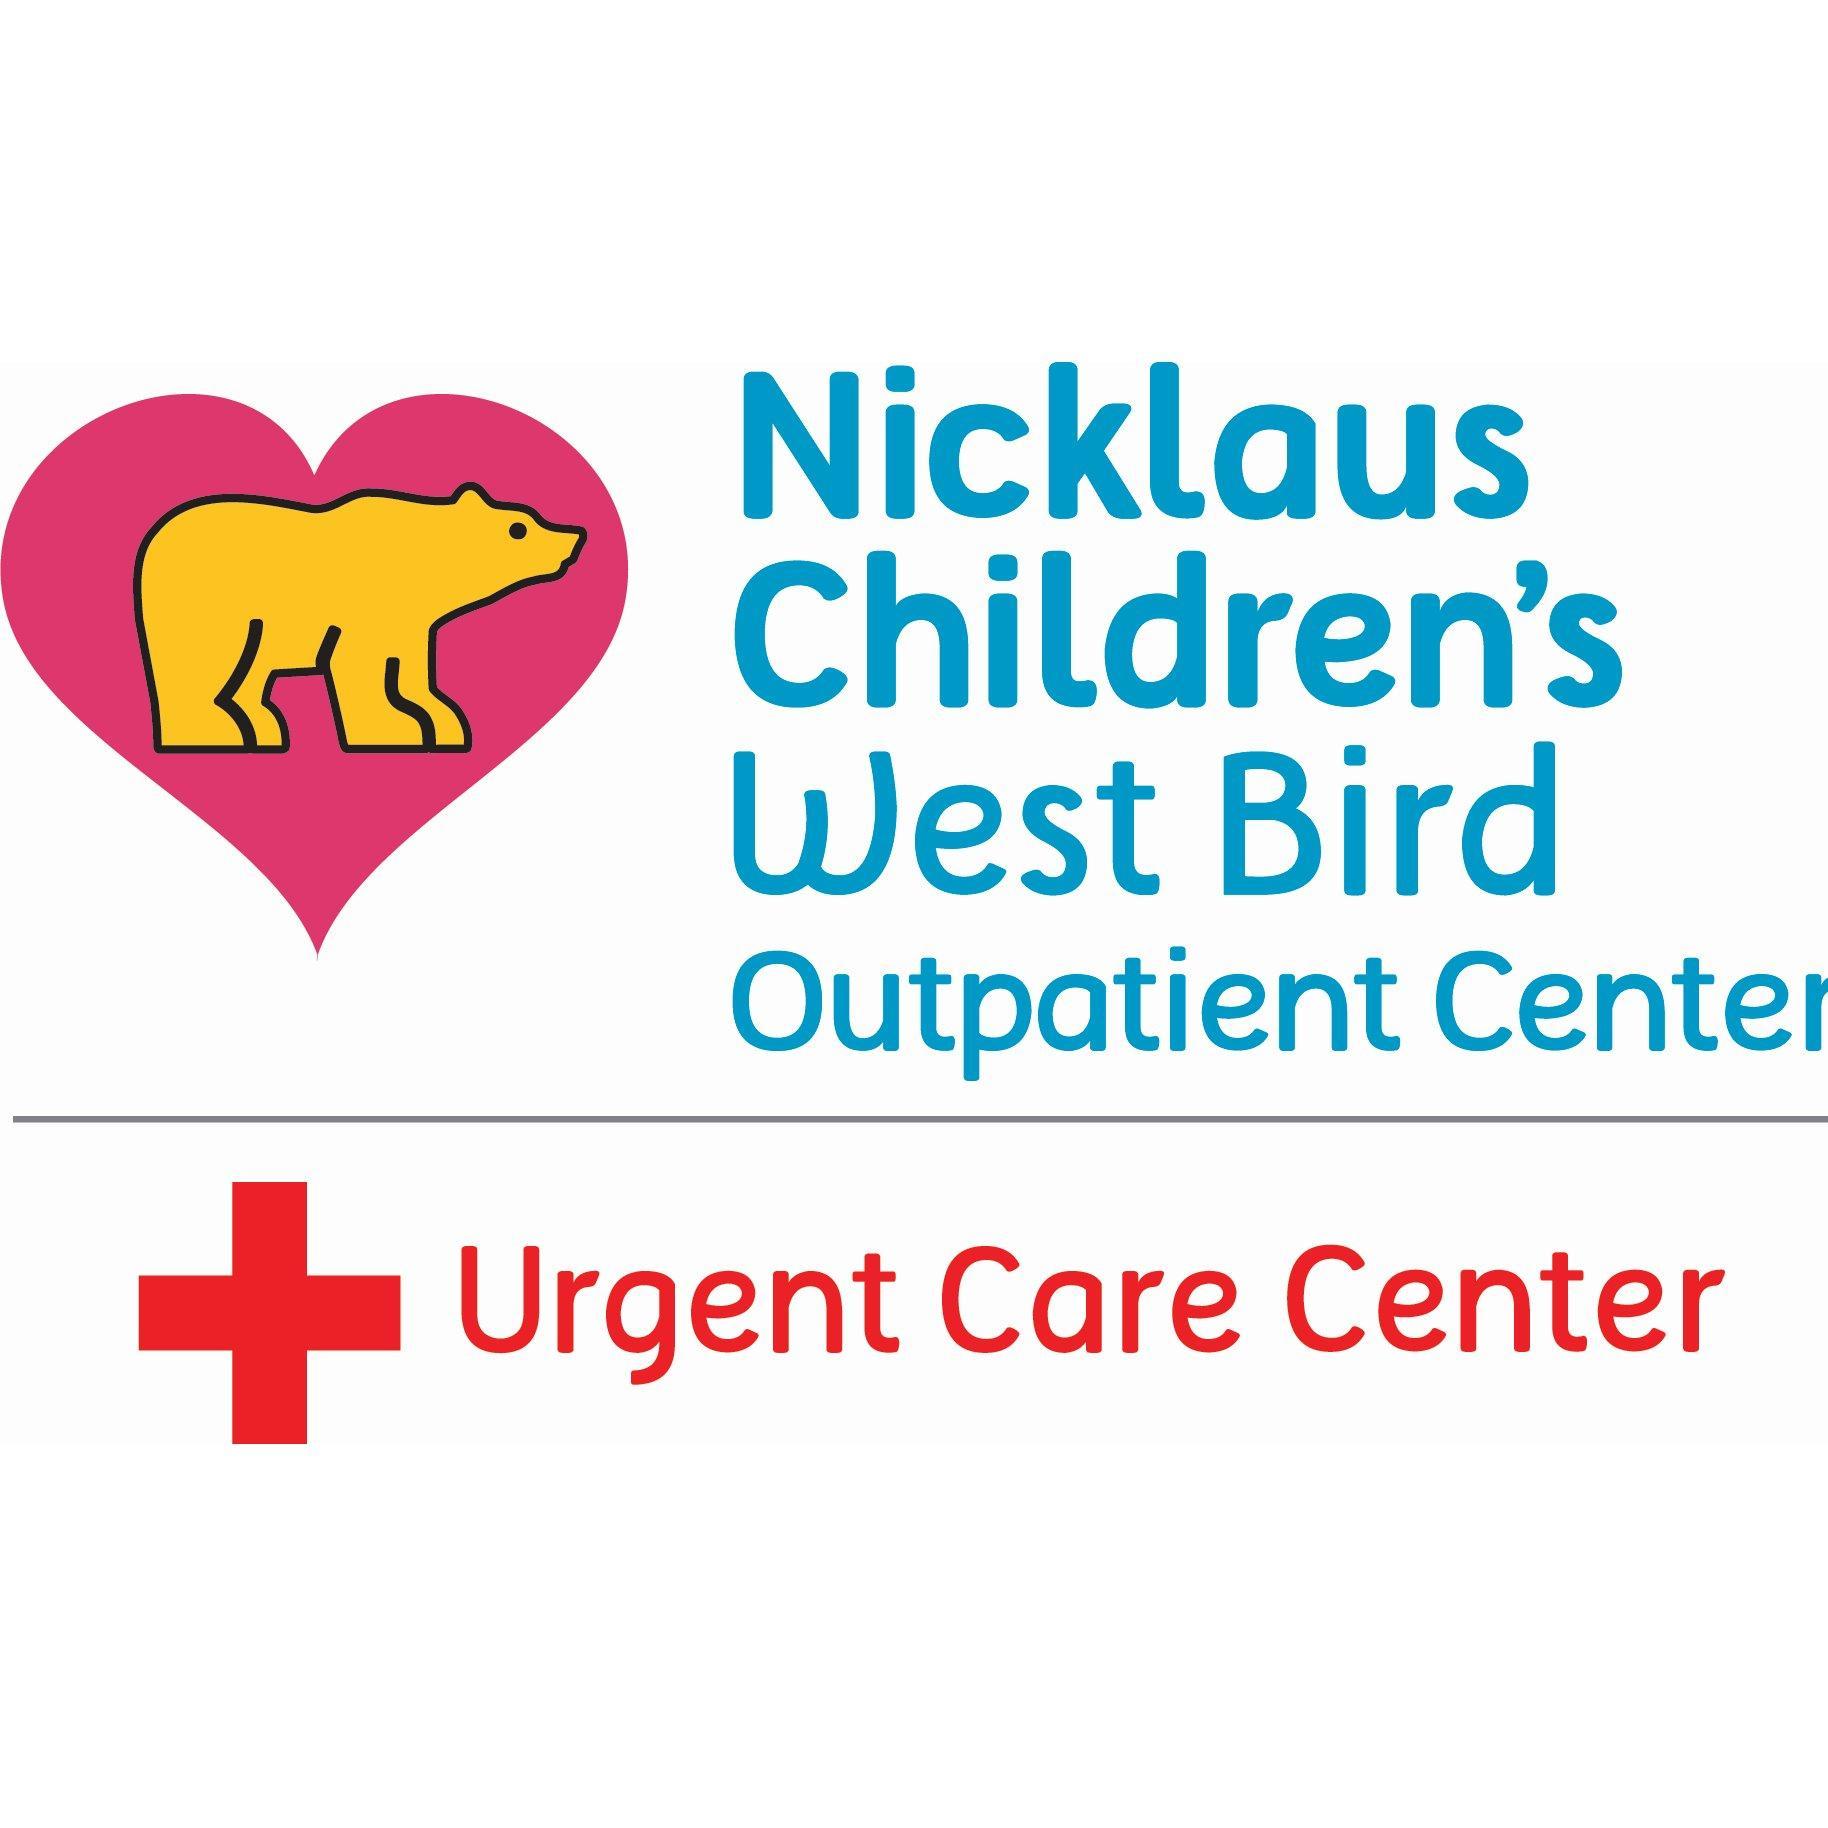 Nicklaus Children's West Bird Urgent Care Center